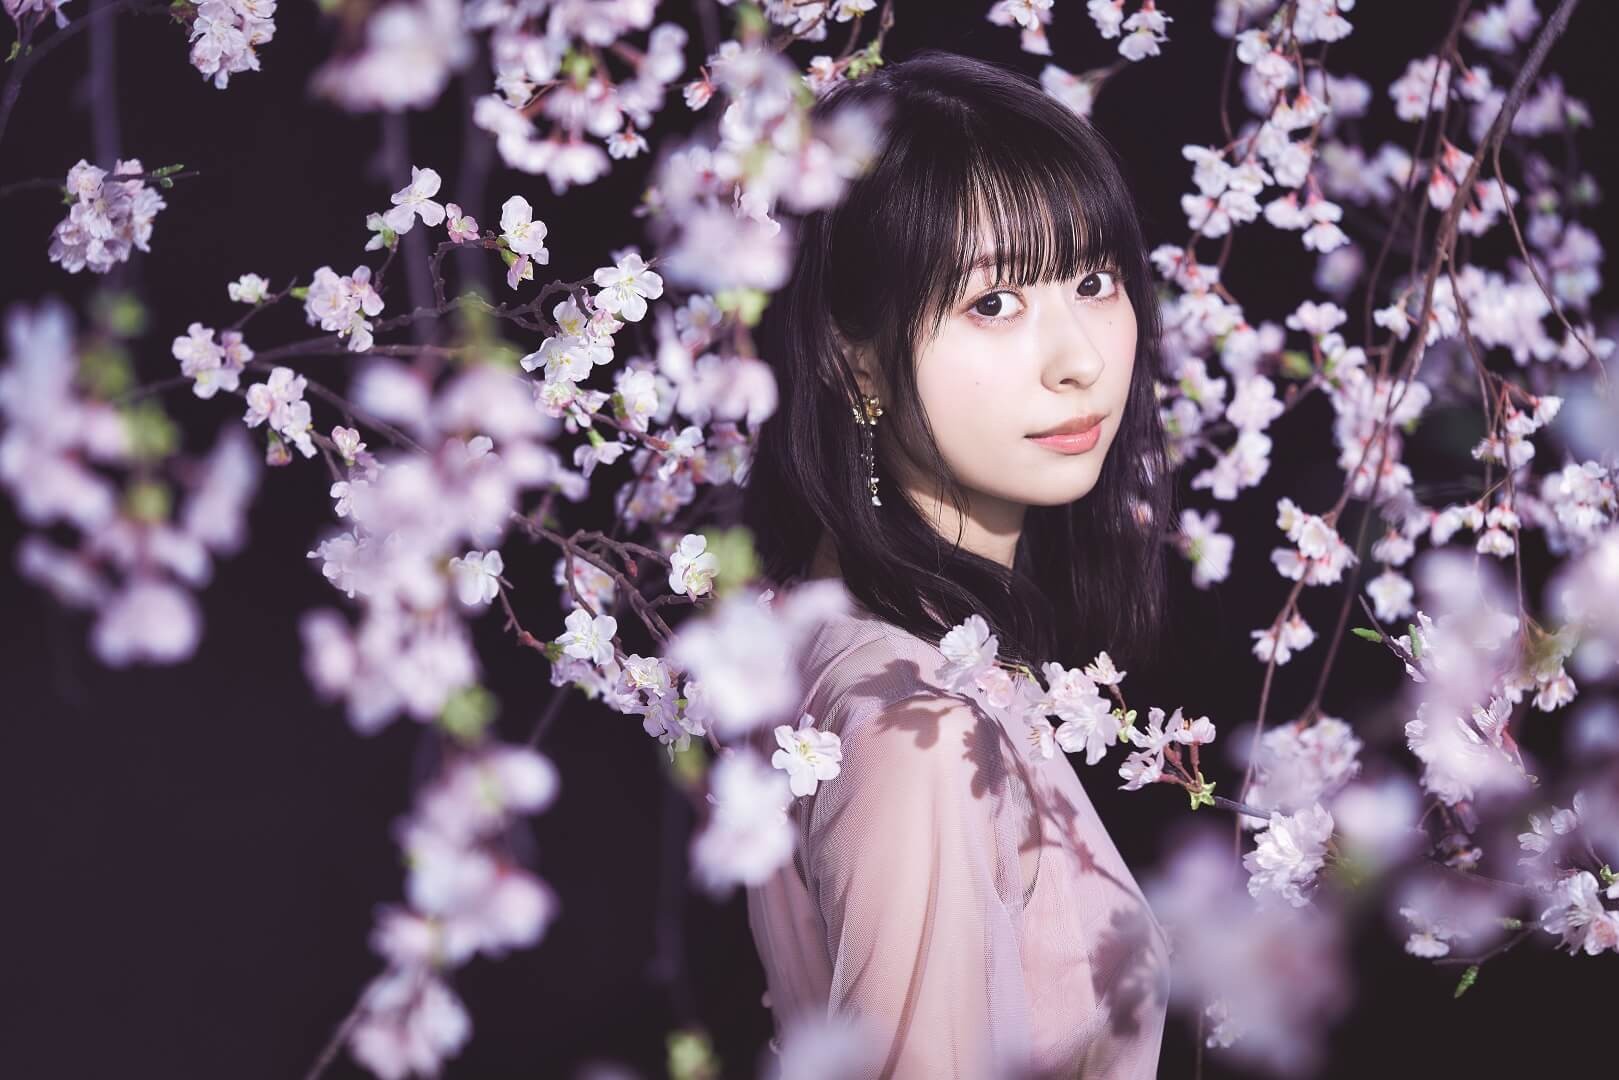 「ノン子とのび太のアニメスクランブル」4月14日(水)放送に近藤玲奈さんがゲスト出演!